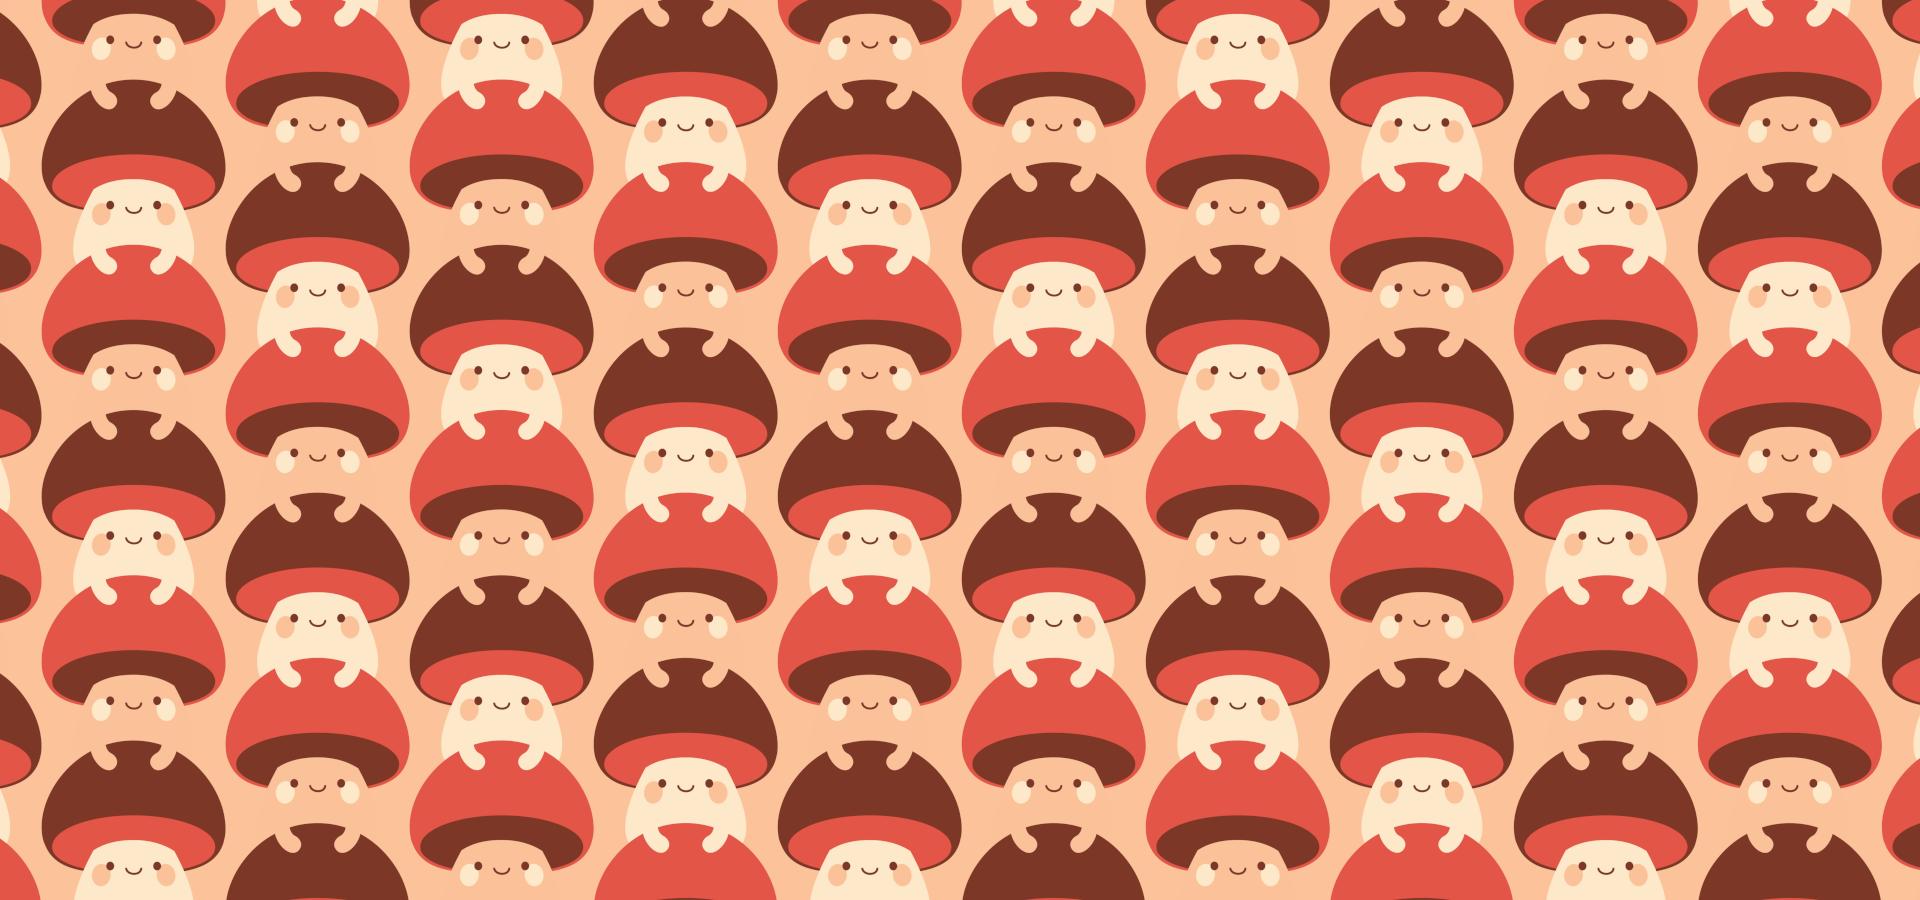 A pattern of cute mushrooms